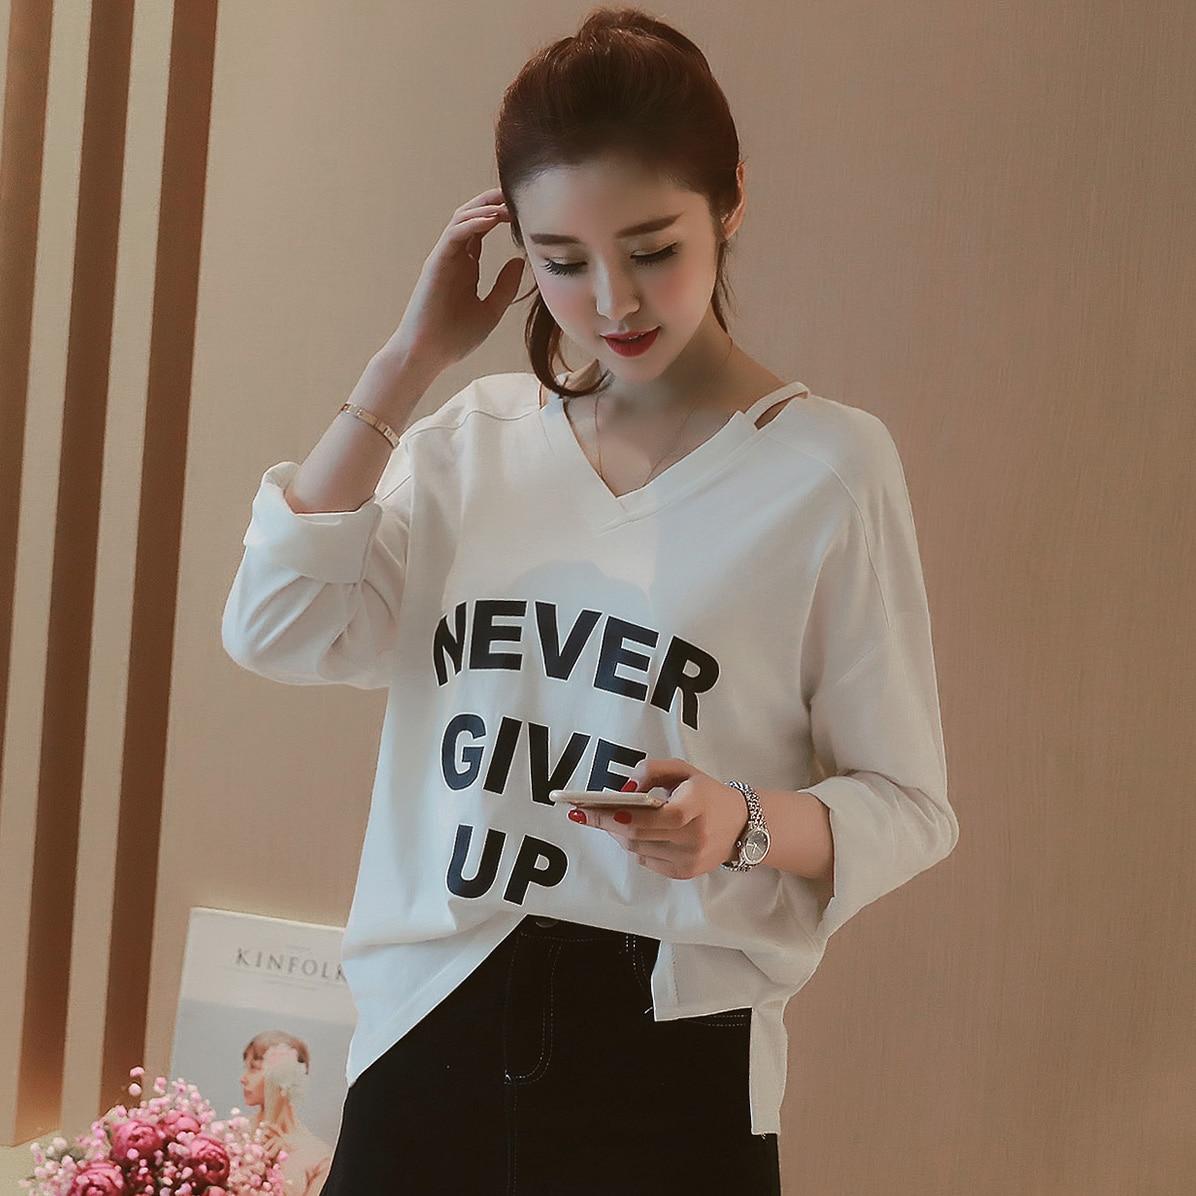 9cdf674829 2018 nueva Harajuku letra impresa camisetas de las mujeres camiseta  ocasional de las tapas mujeres ropa nunca dar hasta relajarse Casual  camiseta en ...